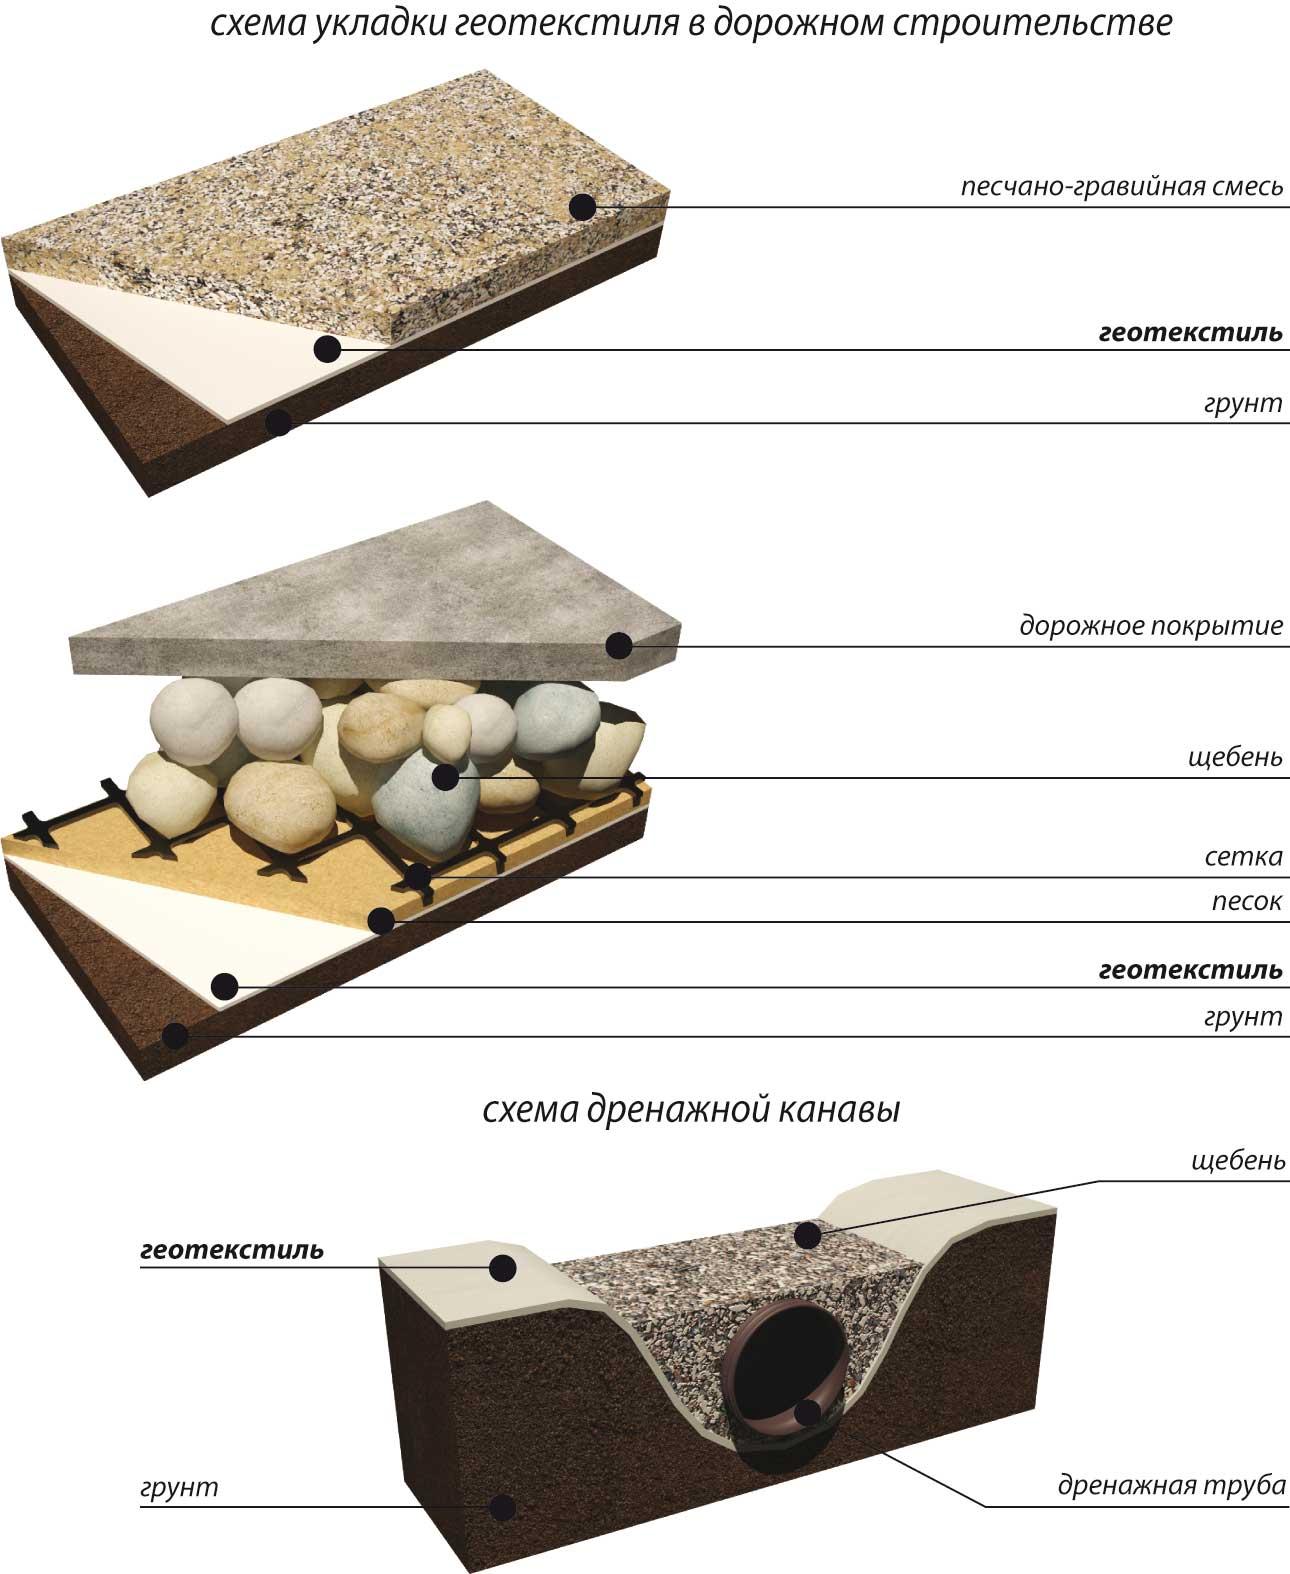 Строительные материалы геотекстильные купить торф качканар